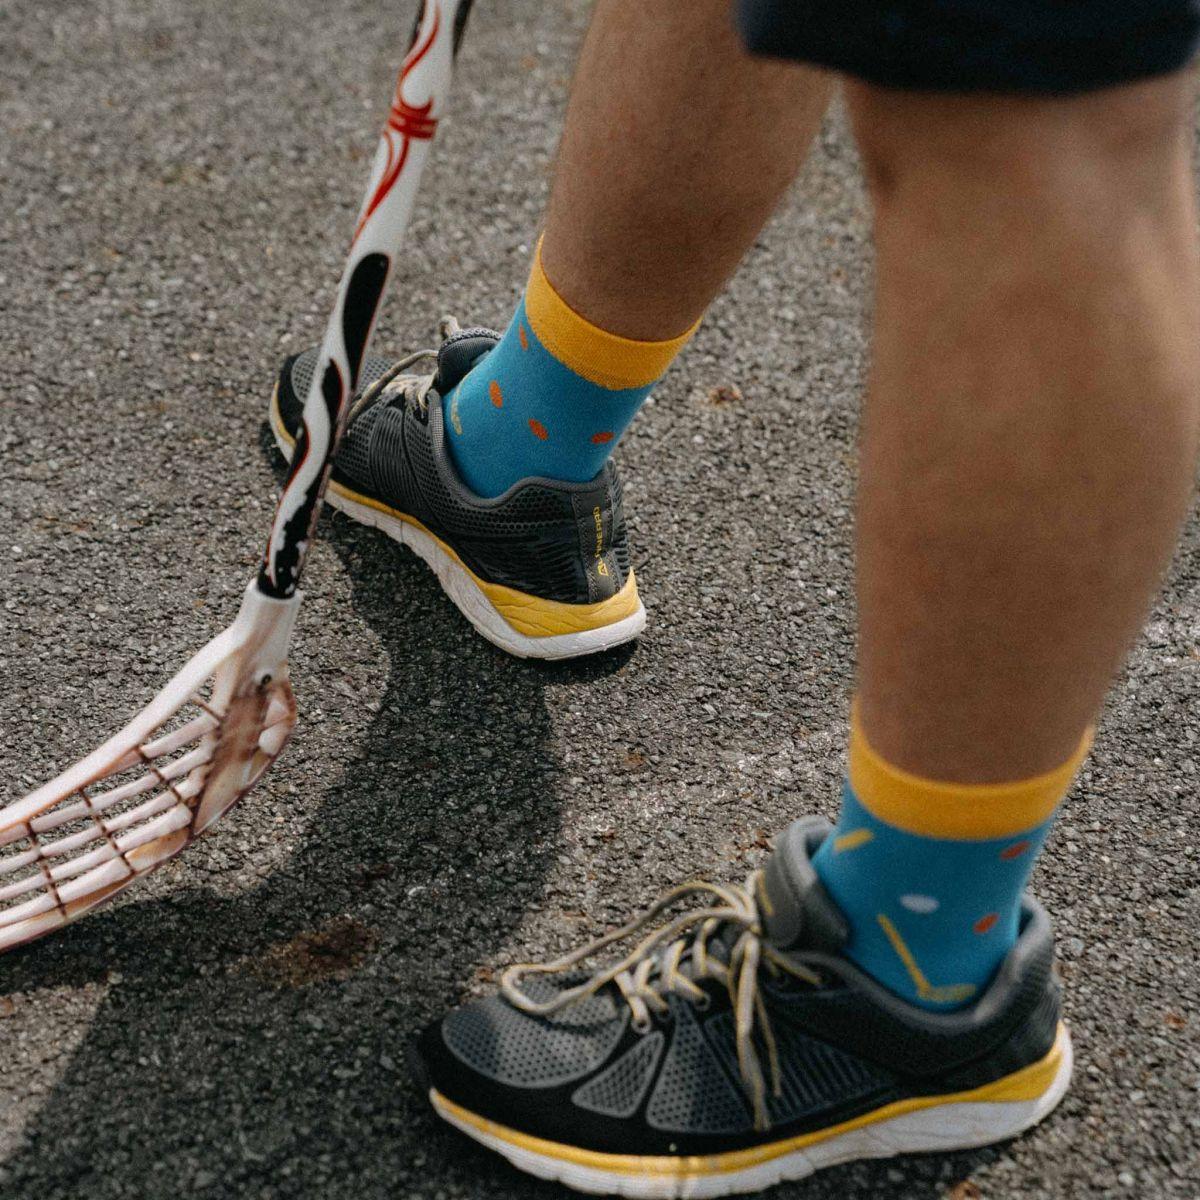 Socken - Unihockey